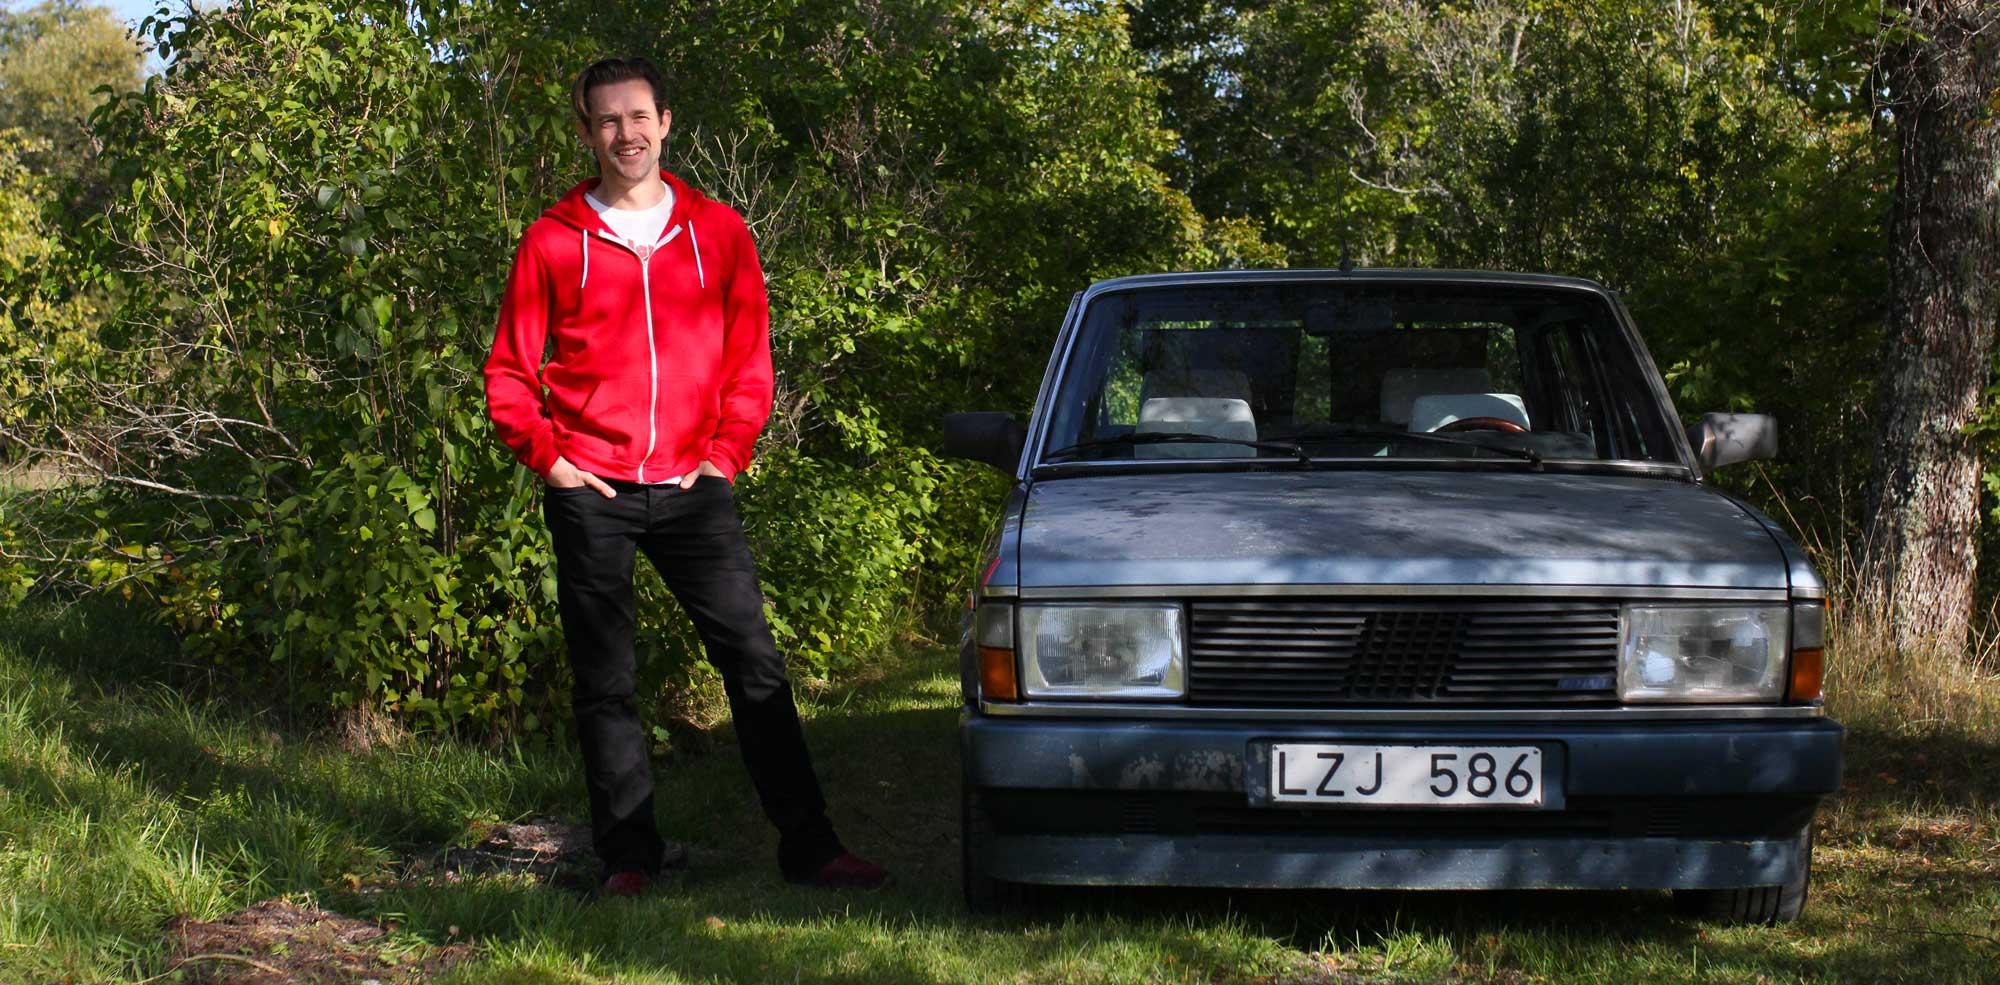 Per Eldh and his fantastic FIAT ARgenta